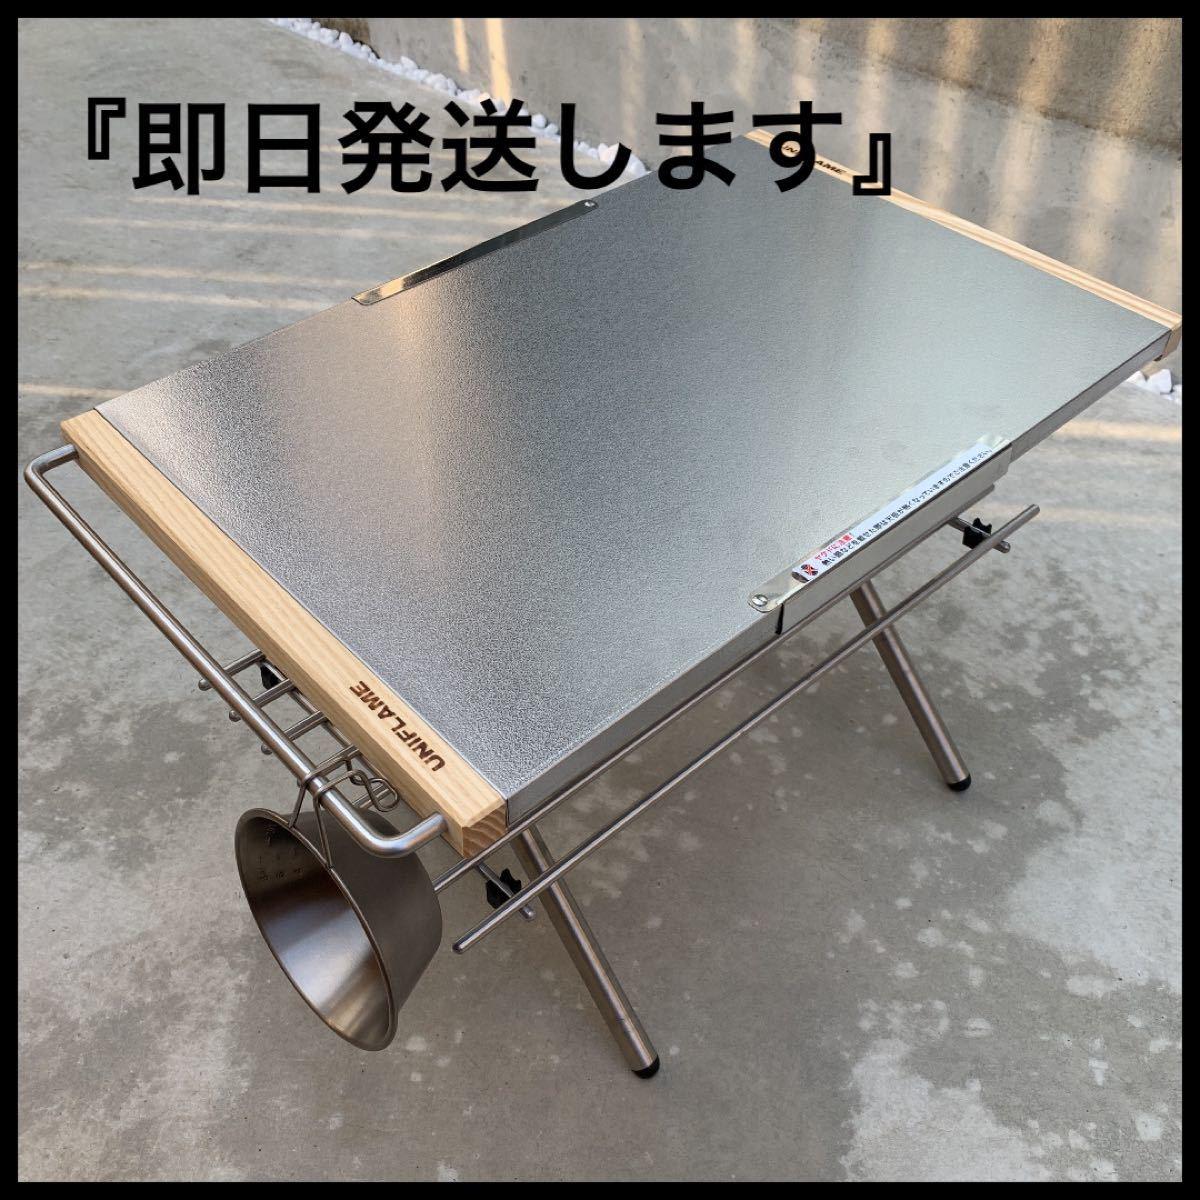 バンド付【新品未使用】ユニフレーム 焚き火テーブル用 カスタムパーツ2点セット